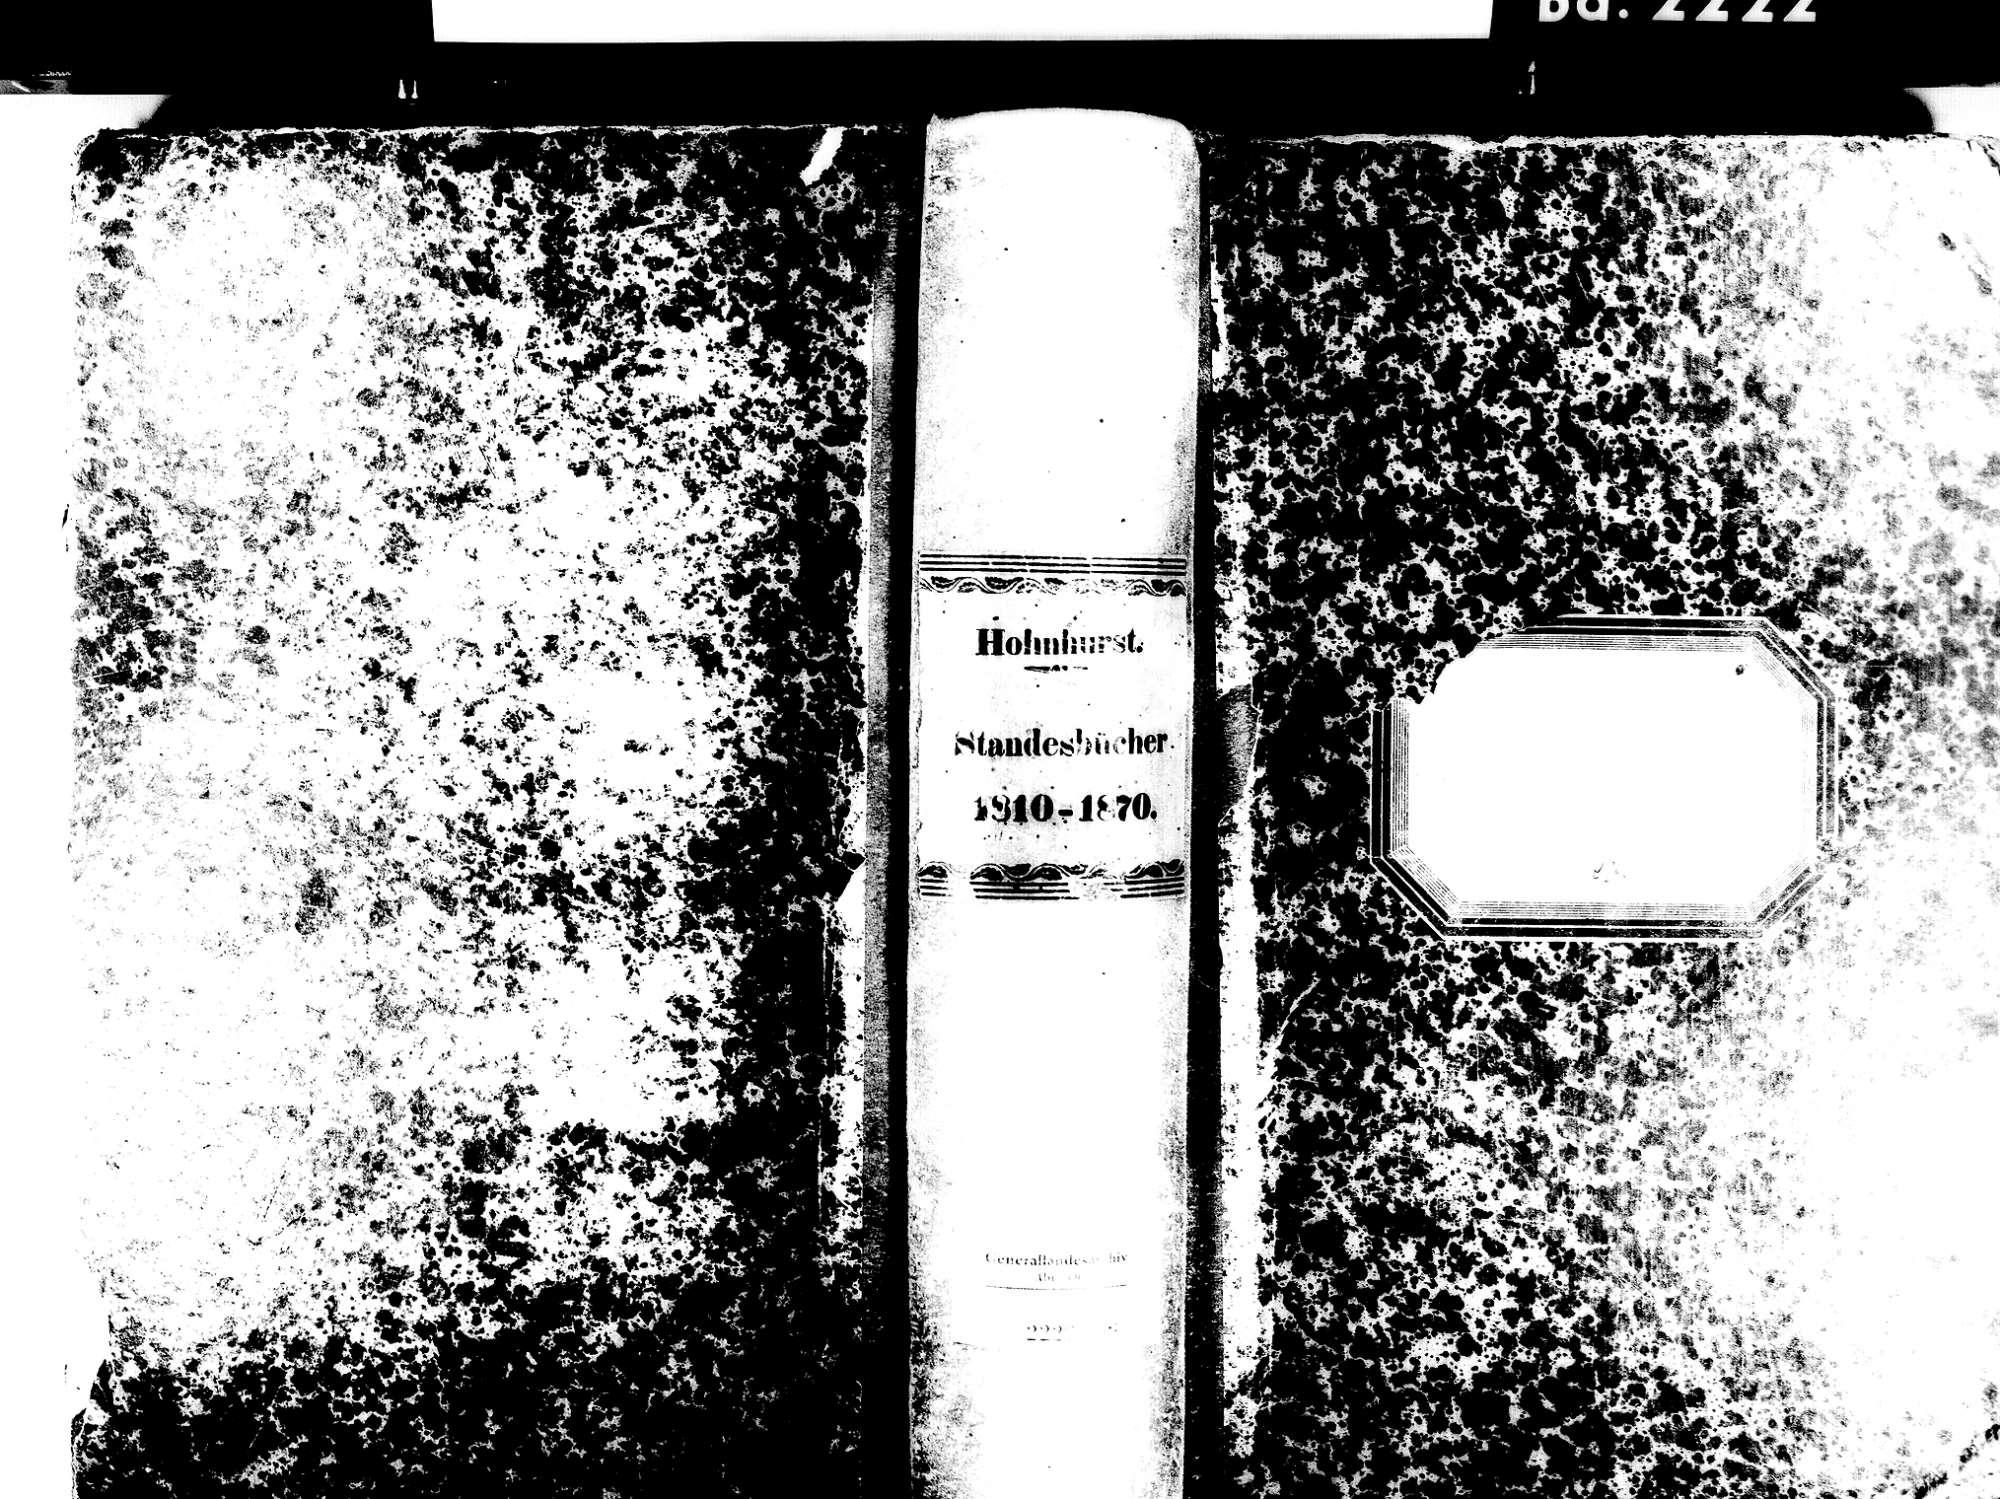 Hohnhurst, Kehl OG; Evangelische Gemeinde: Standesbuch 1810-1870, Bild 1